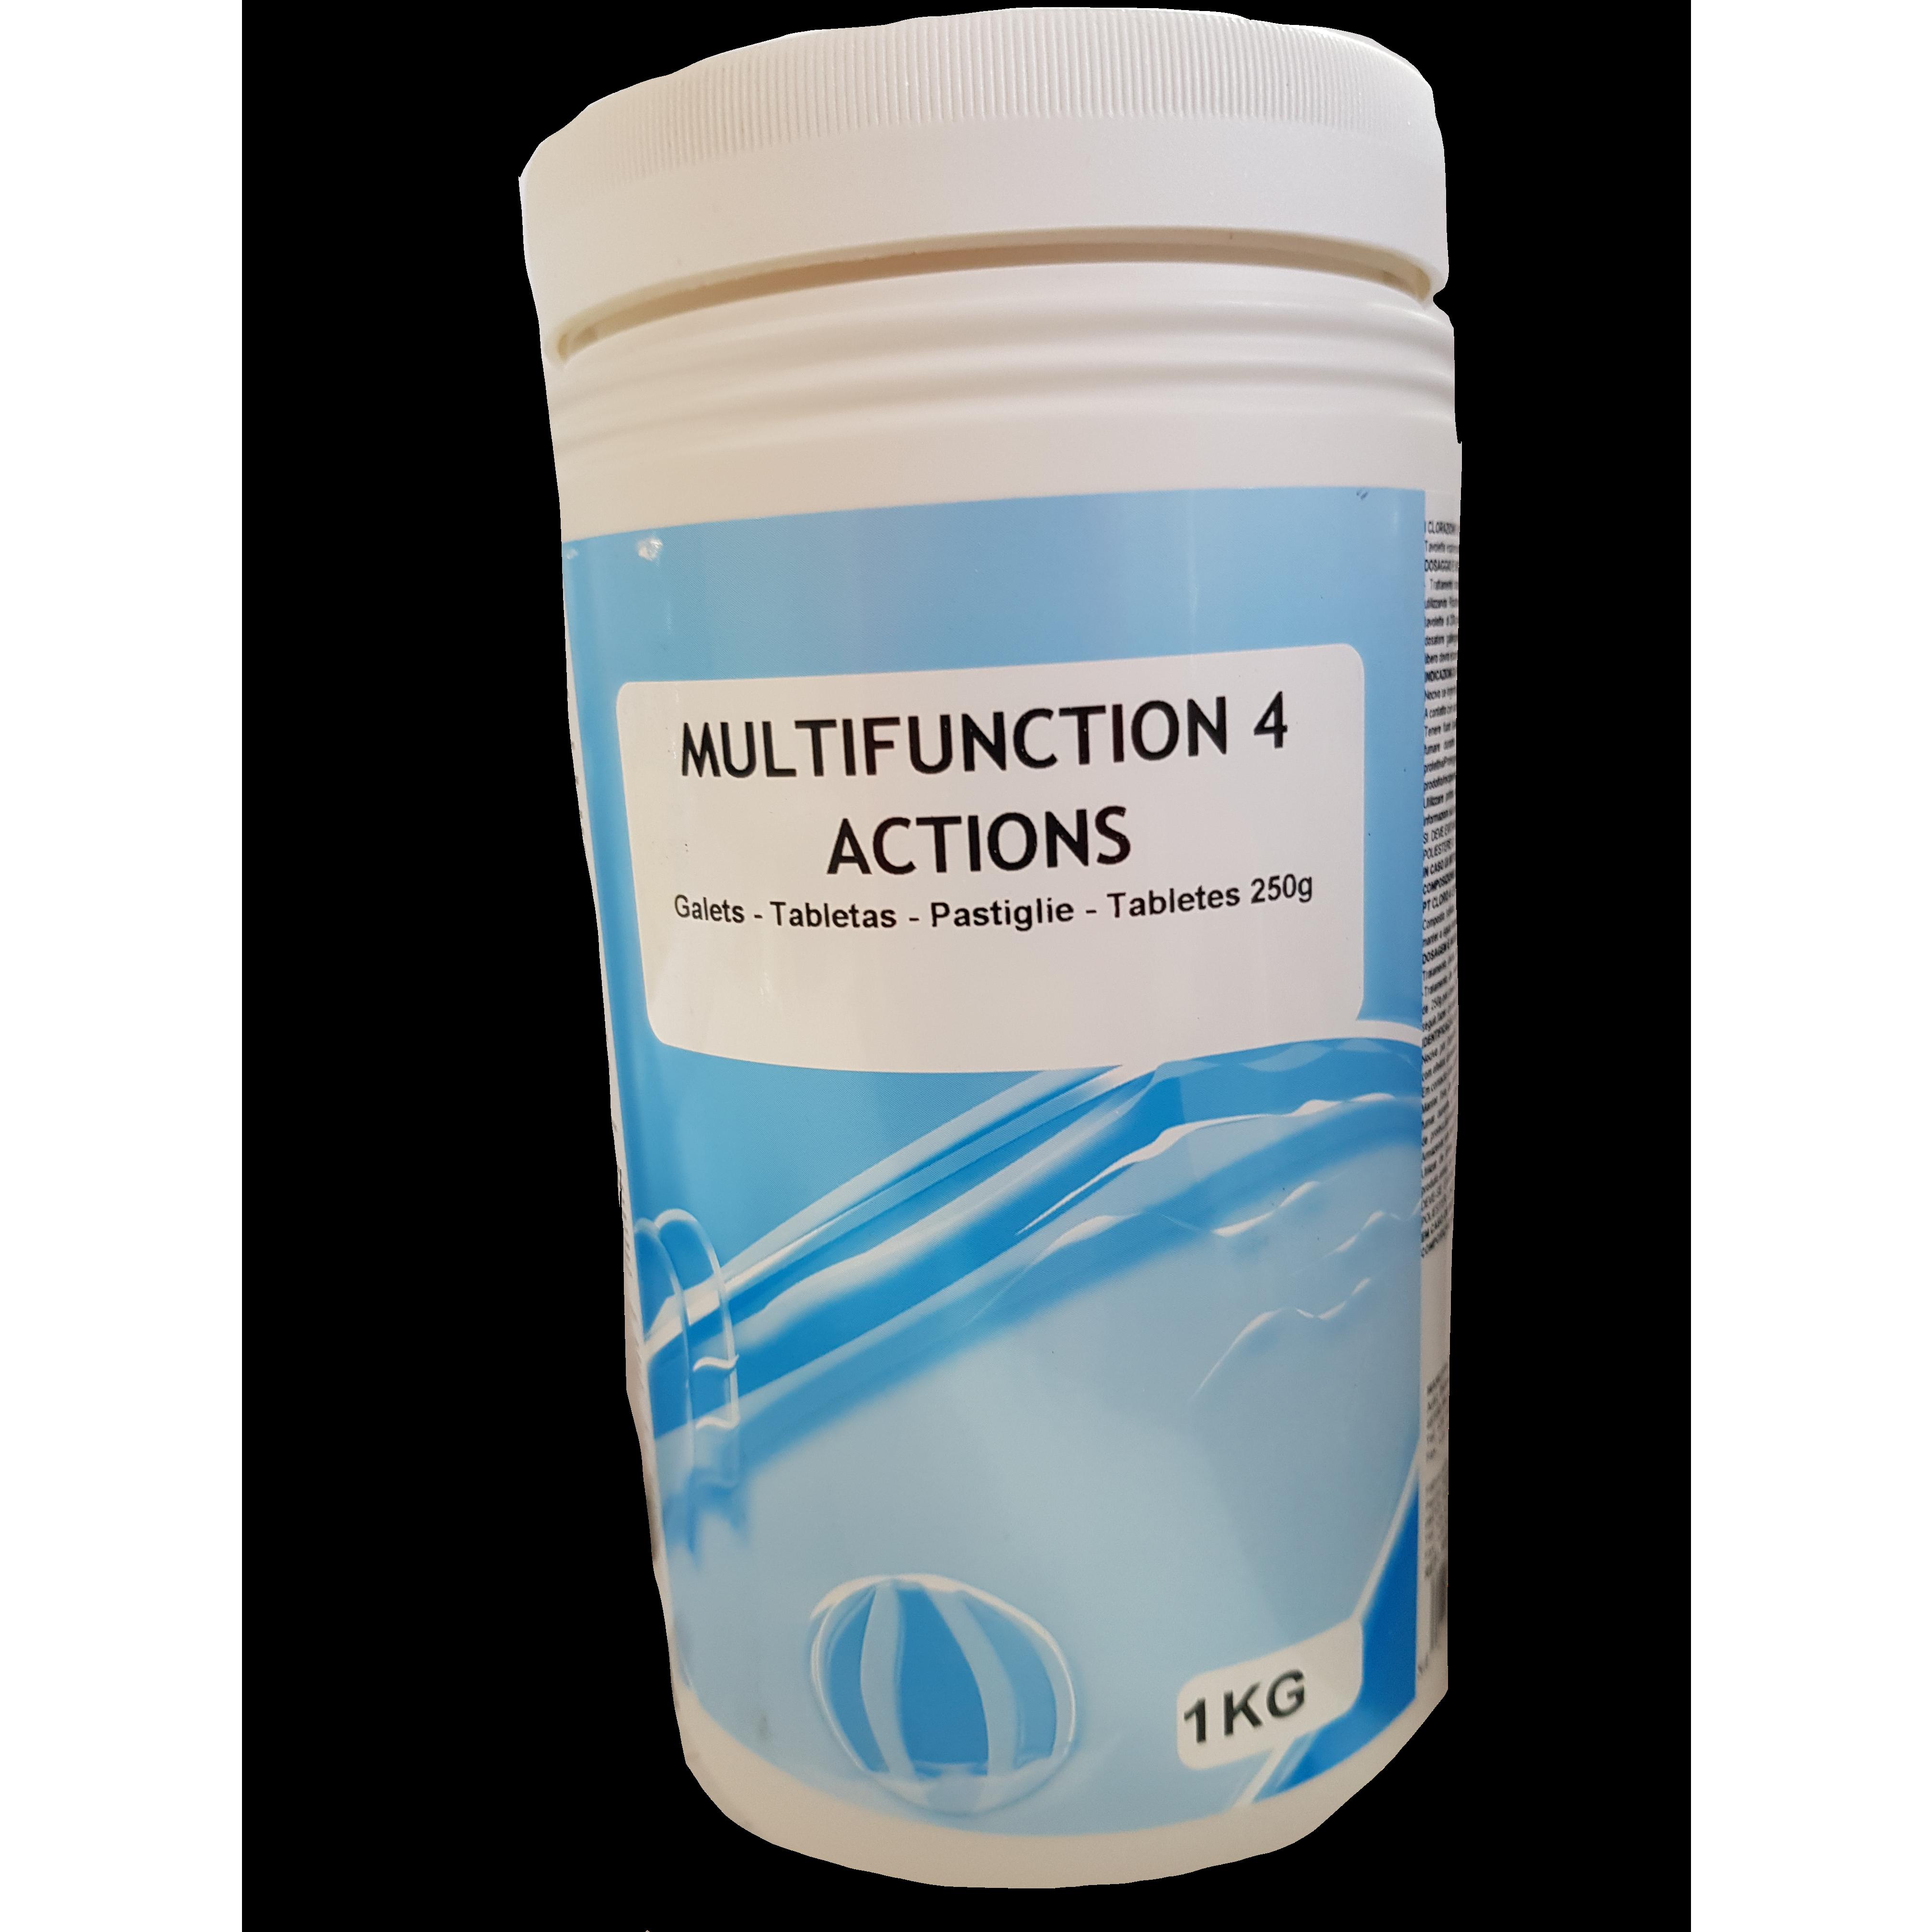 Pastiglie cloro 4 azioni Cloro + Antialghe + Stabilizzante + Flocculante 1 kg